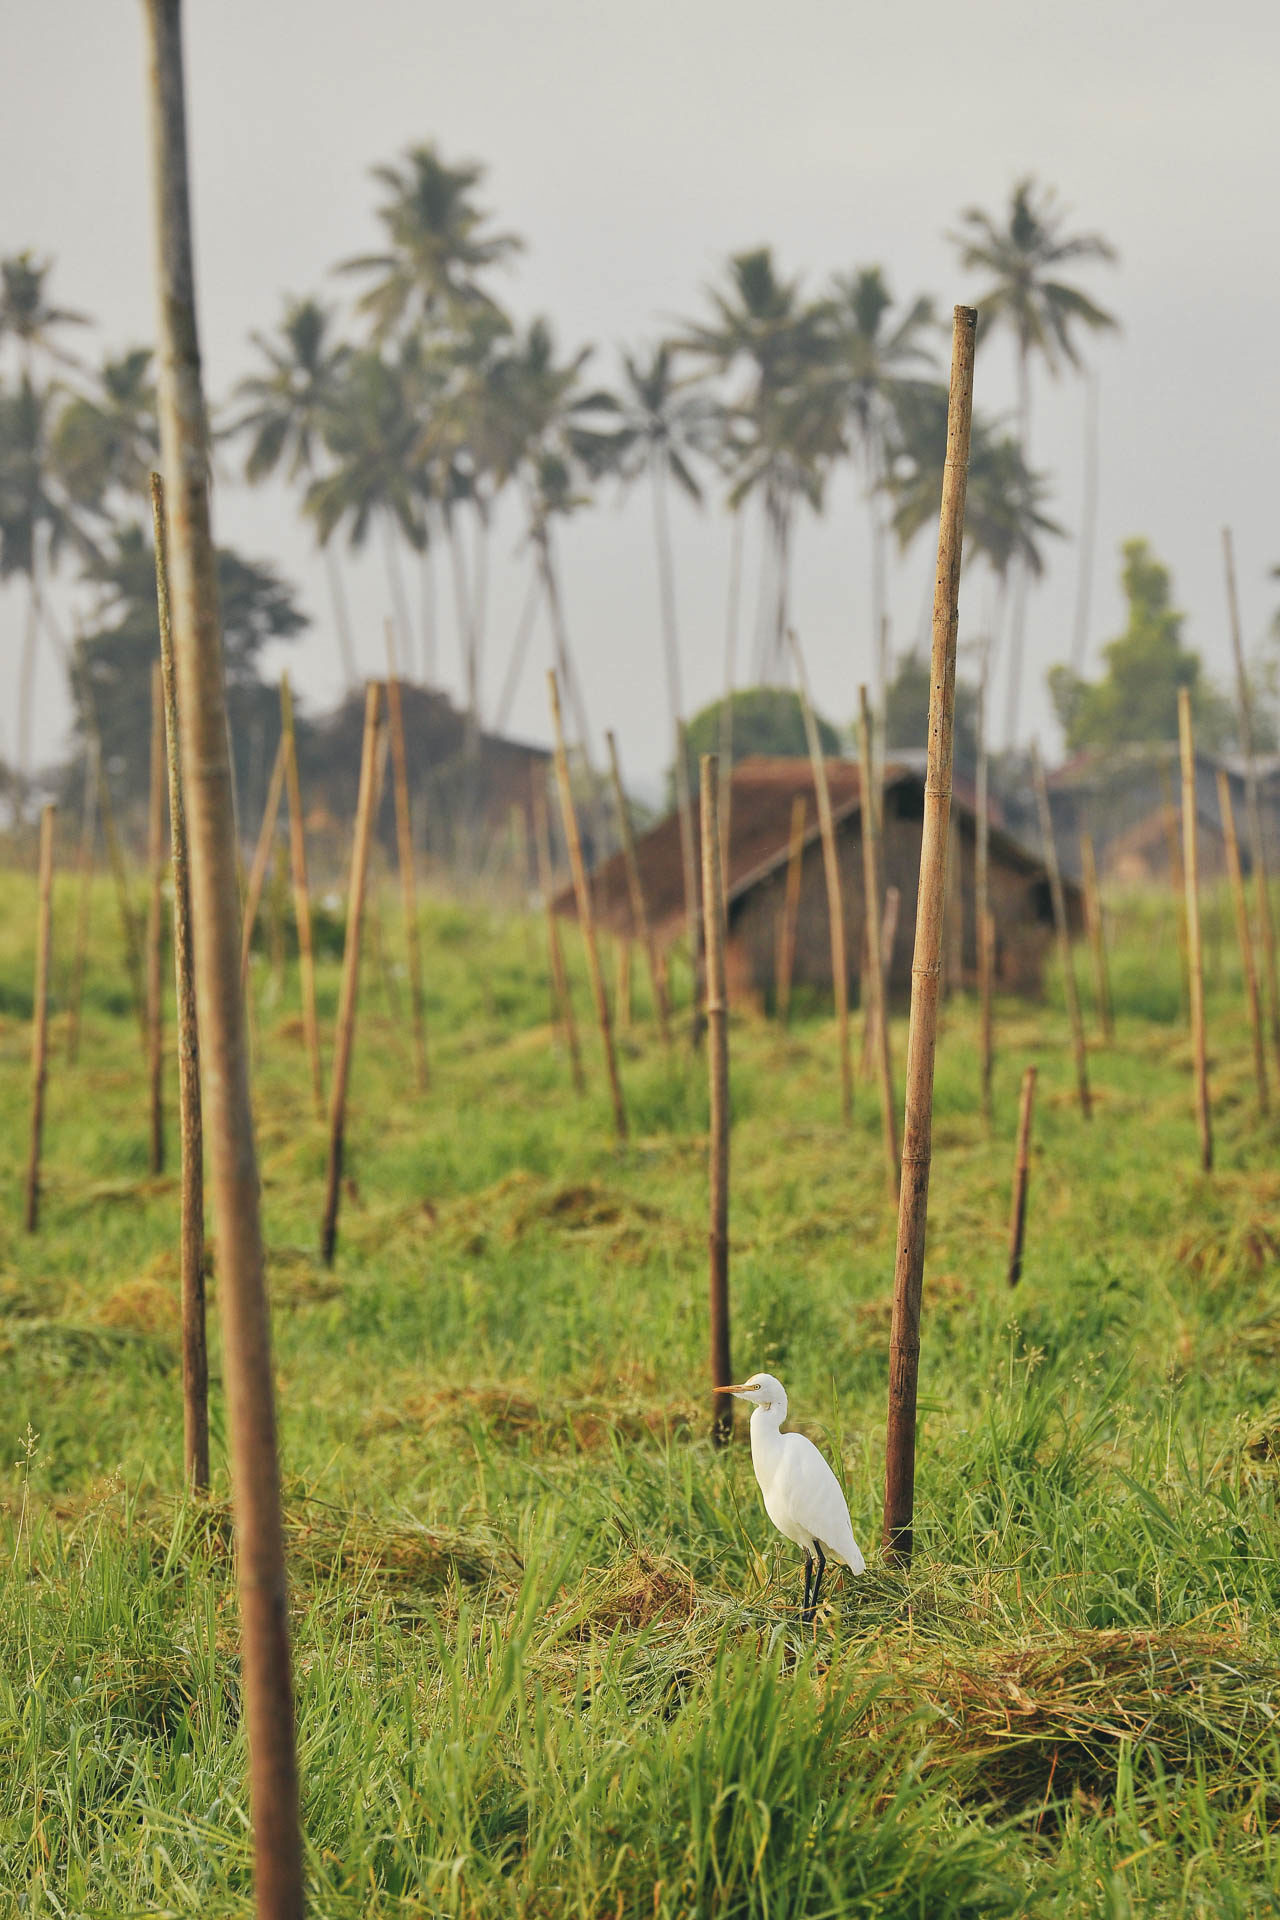 Vogel Feld Myanmar Fotostory von Redeleit und Junker